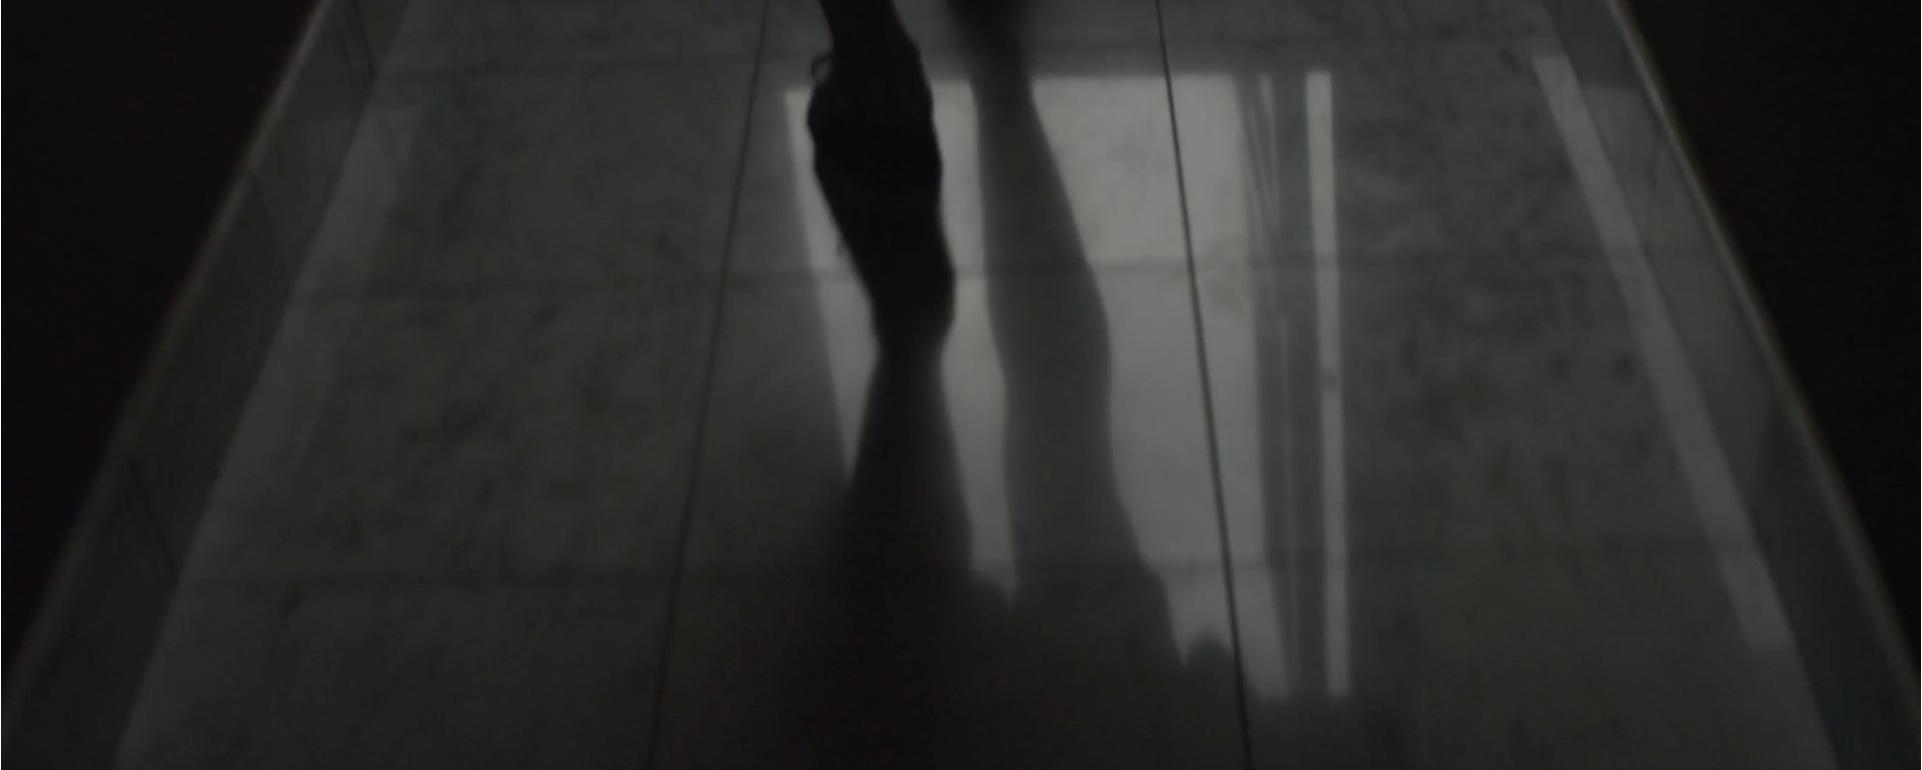 Screen Shot 2014-10-28 at 10.02.03 AM.png